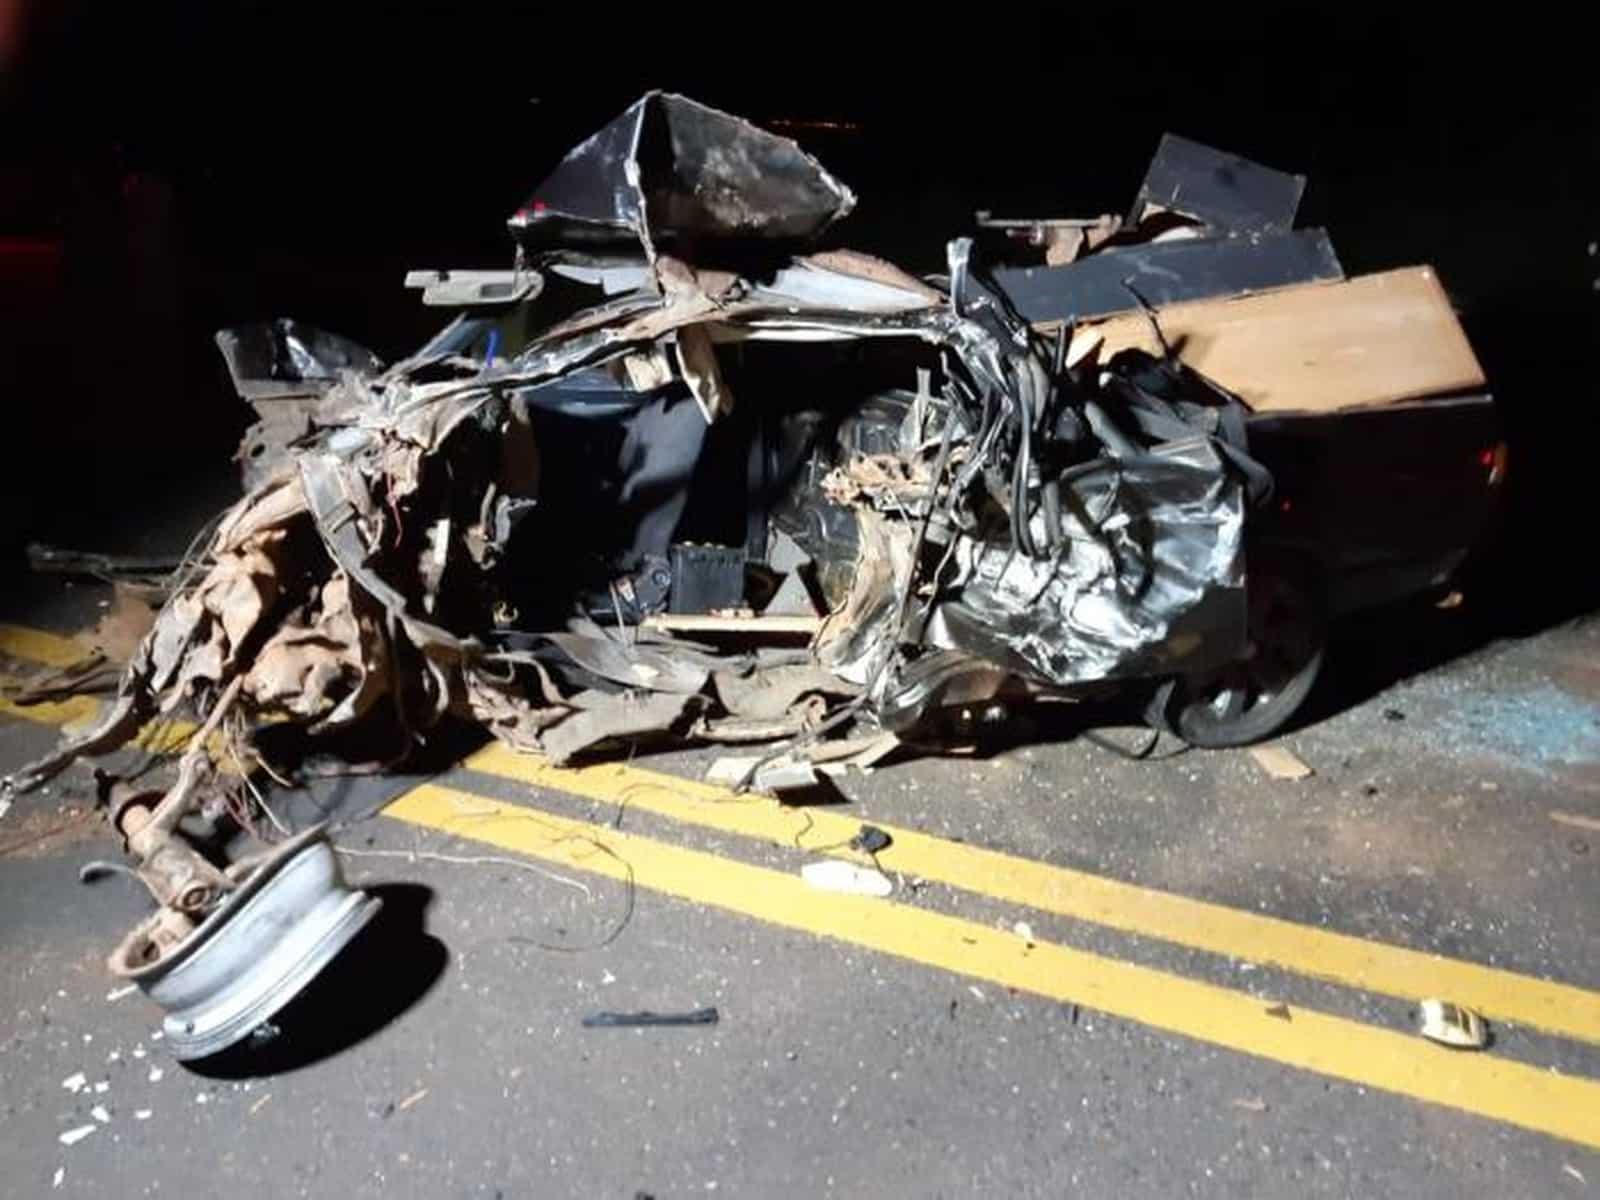 Carro ficou destruído após a batida frontal em Marília — Foto: Arquivo pessoal